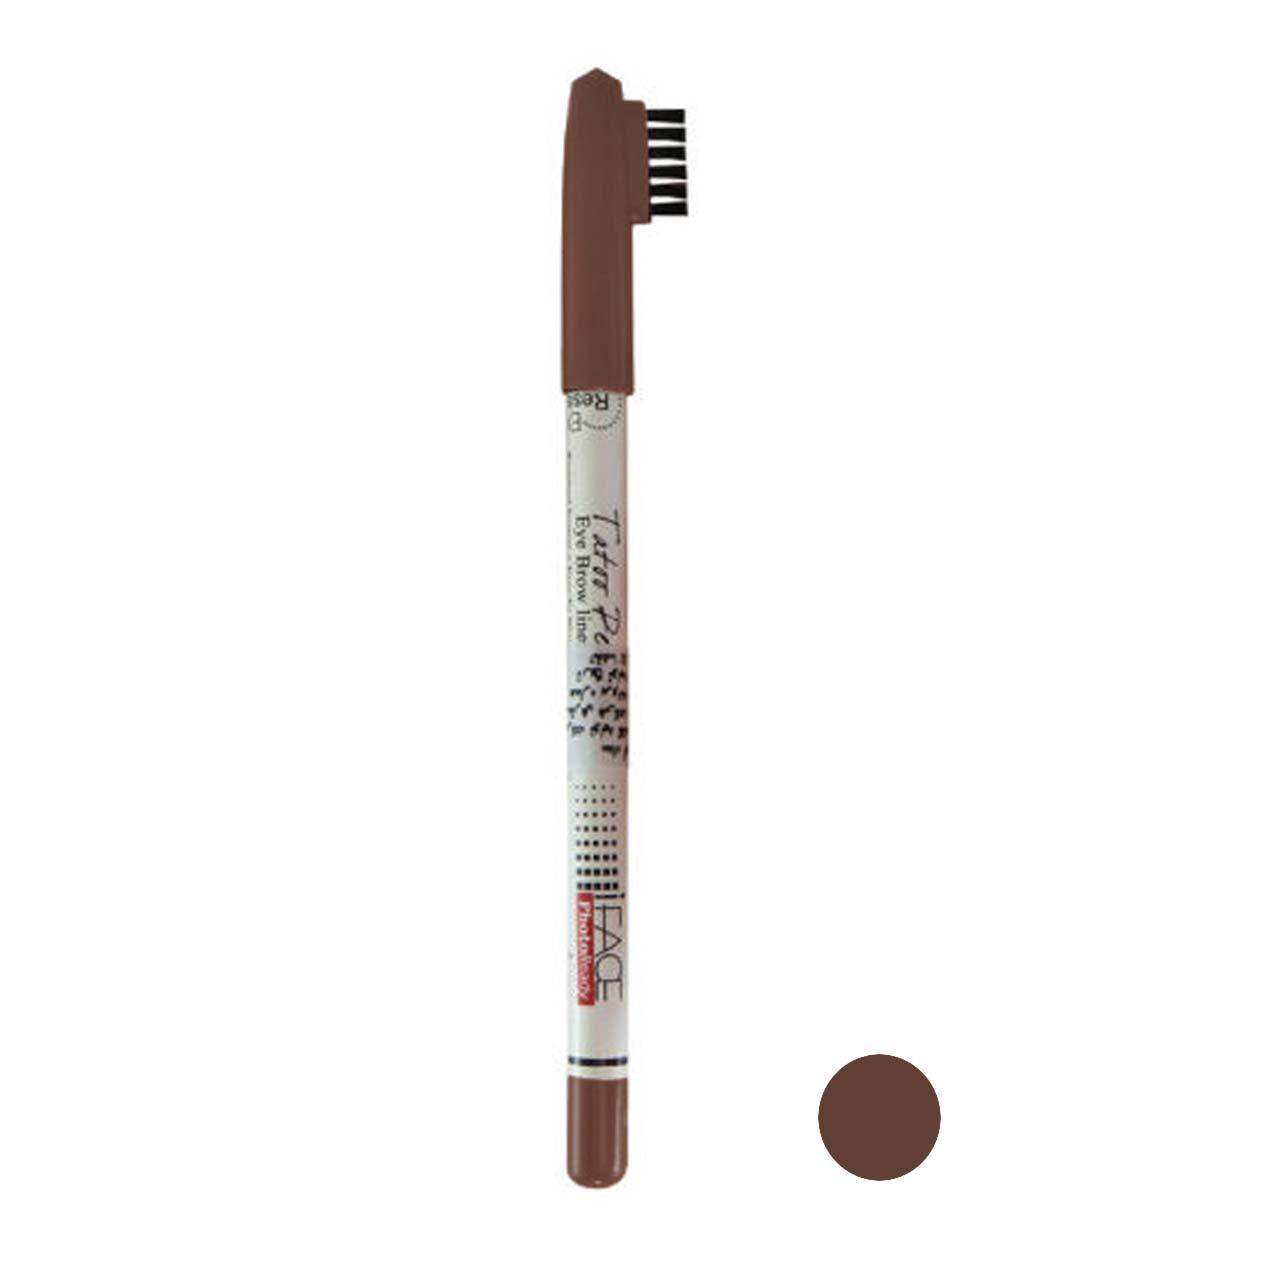 مداد ابرو آی فیس شماره E-05